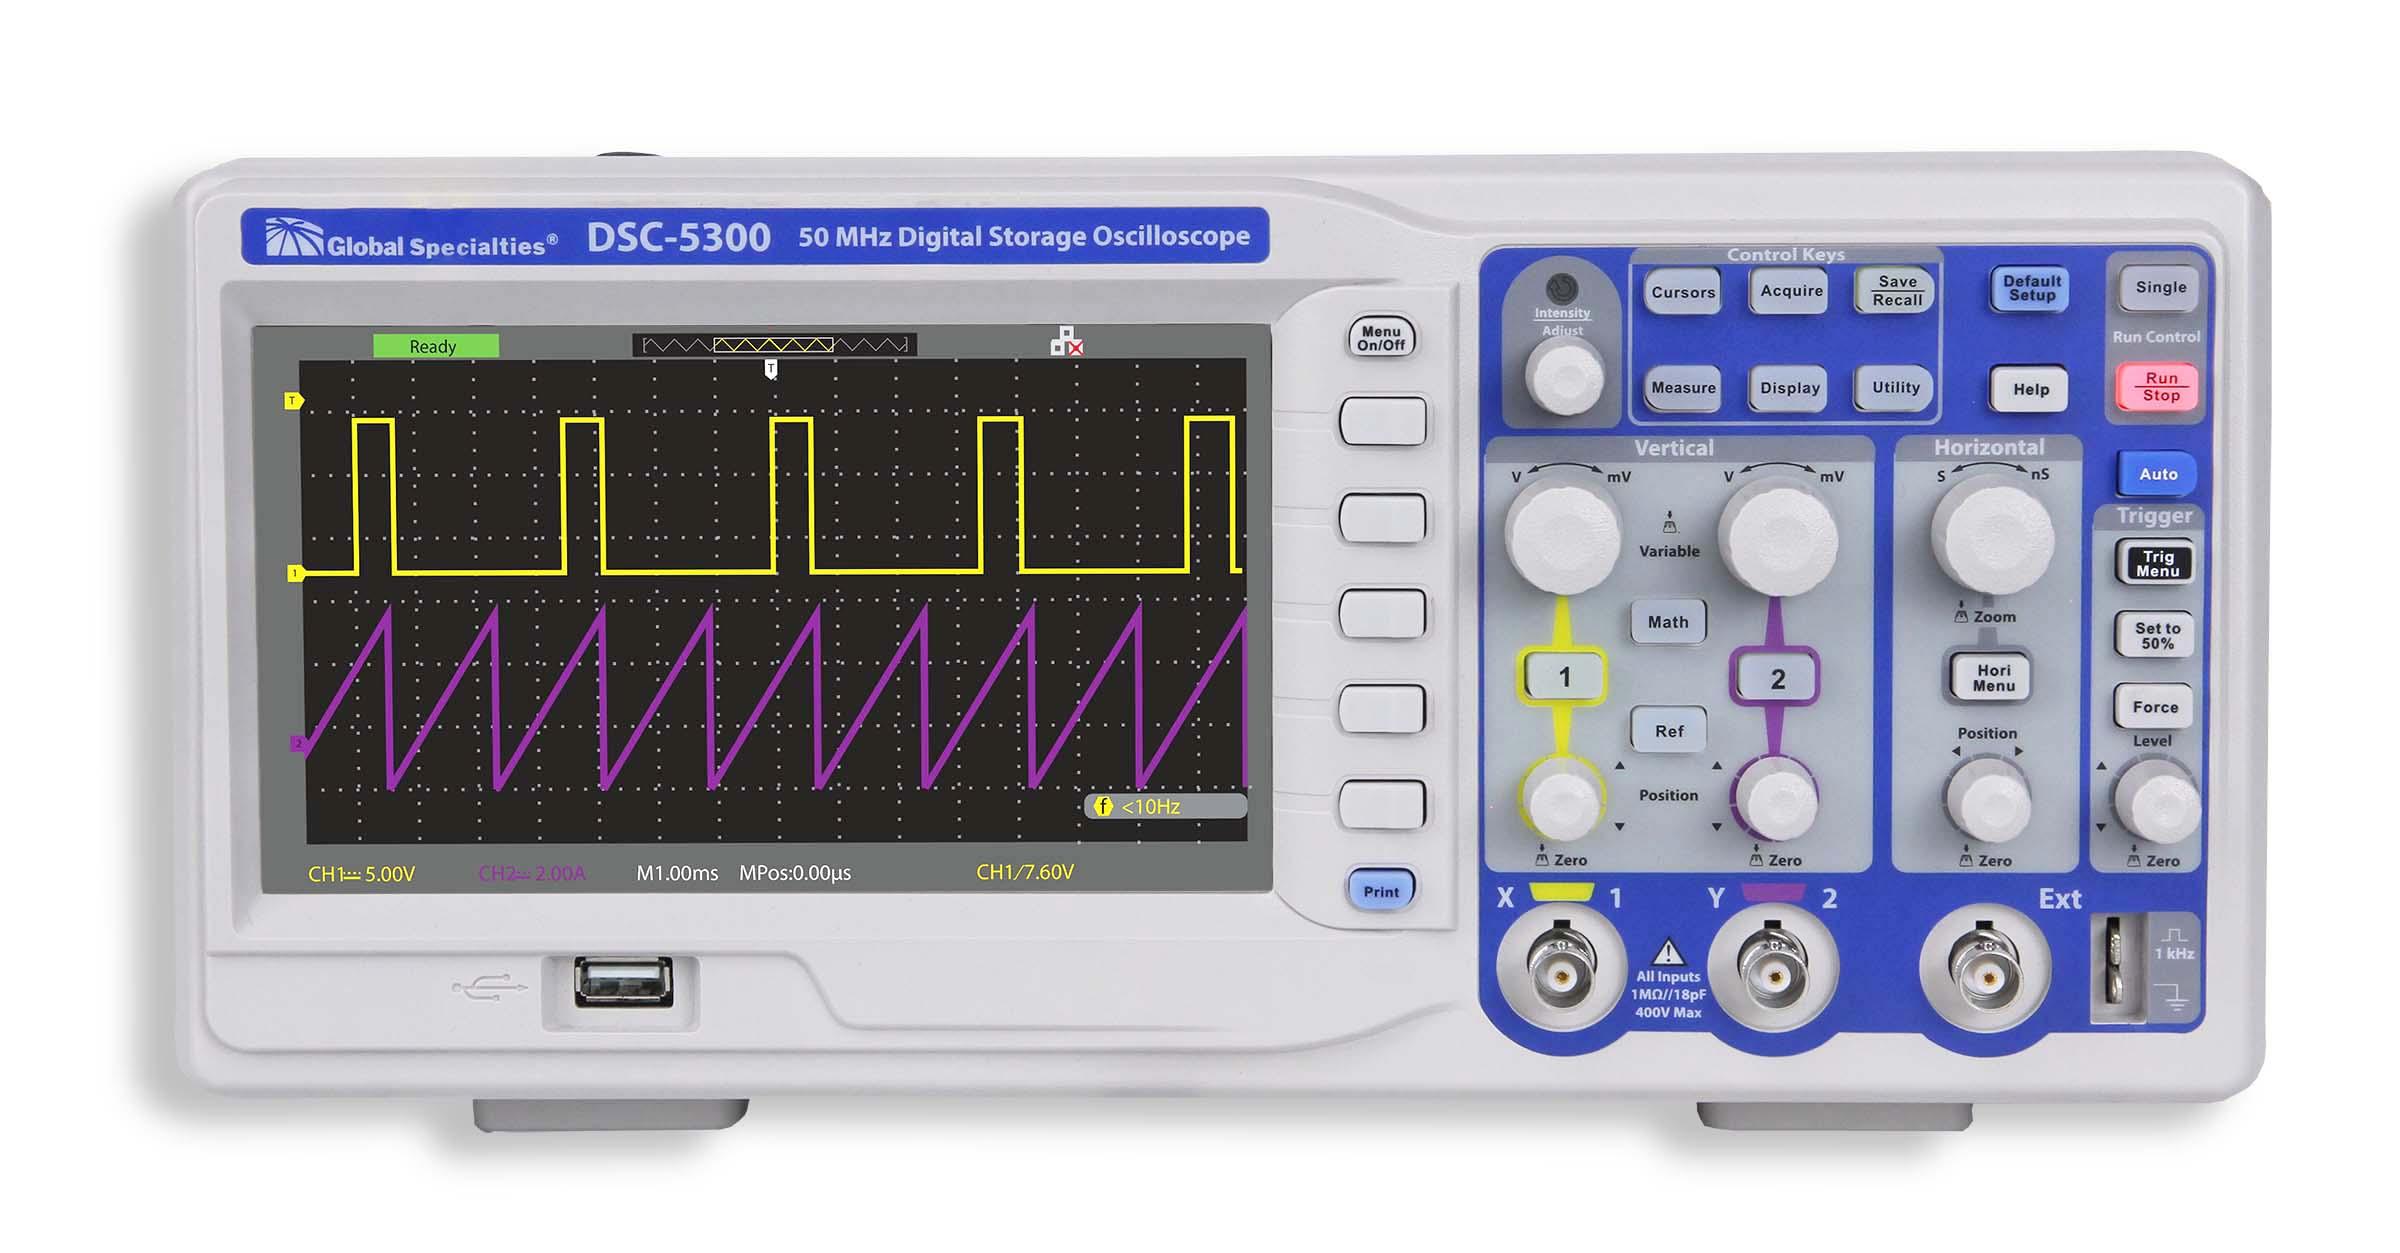 DSC-5300